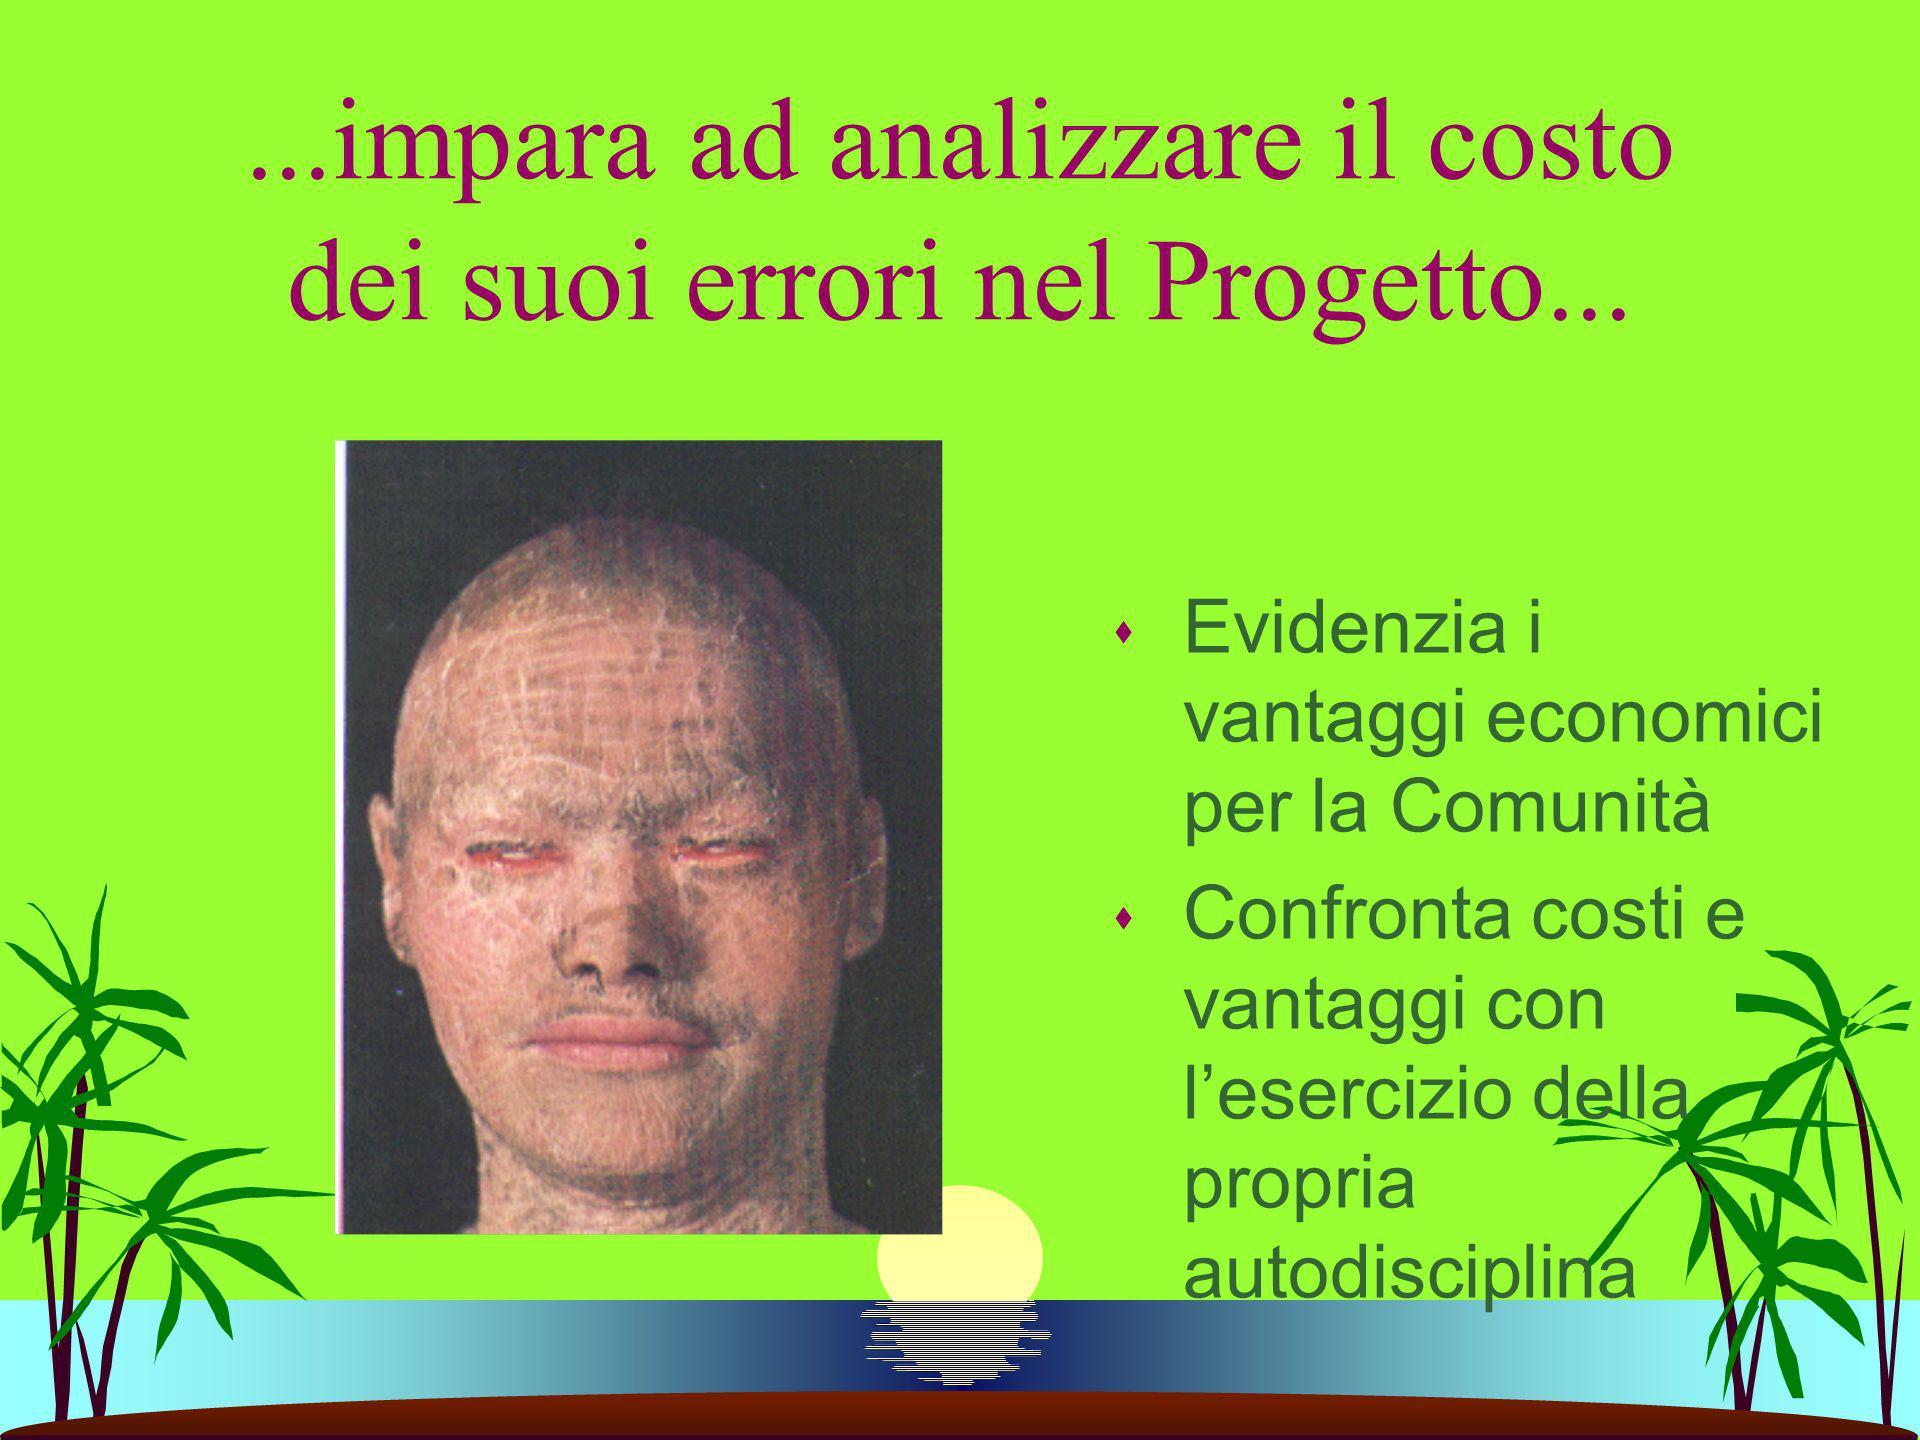 ...impara ad analizzare il costo dei suoi errori nel Progetto...